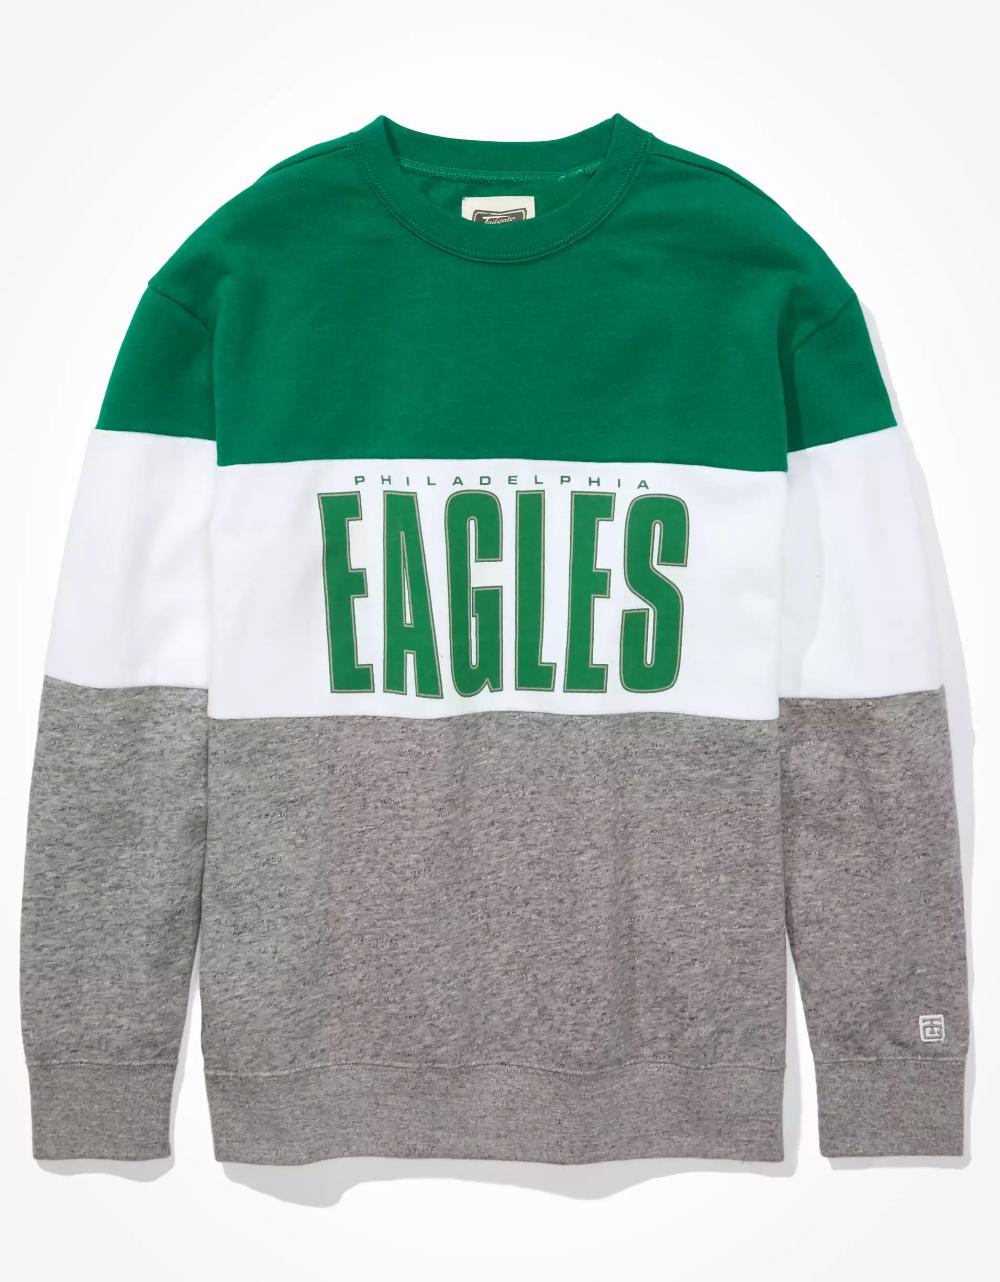 Tailgate Women S Philadelphia Eagles Colorblock Sweatshirt Color Block Sweatshirt Sweatshirts Eagles Sweatshirt [ 1282 x 1000 Pixel ]